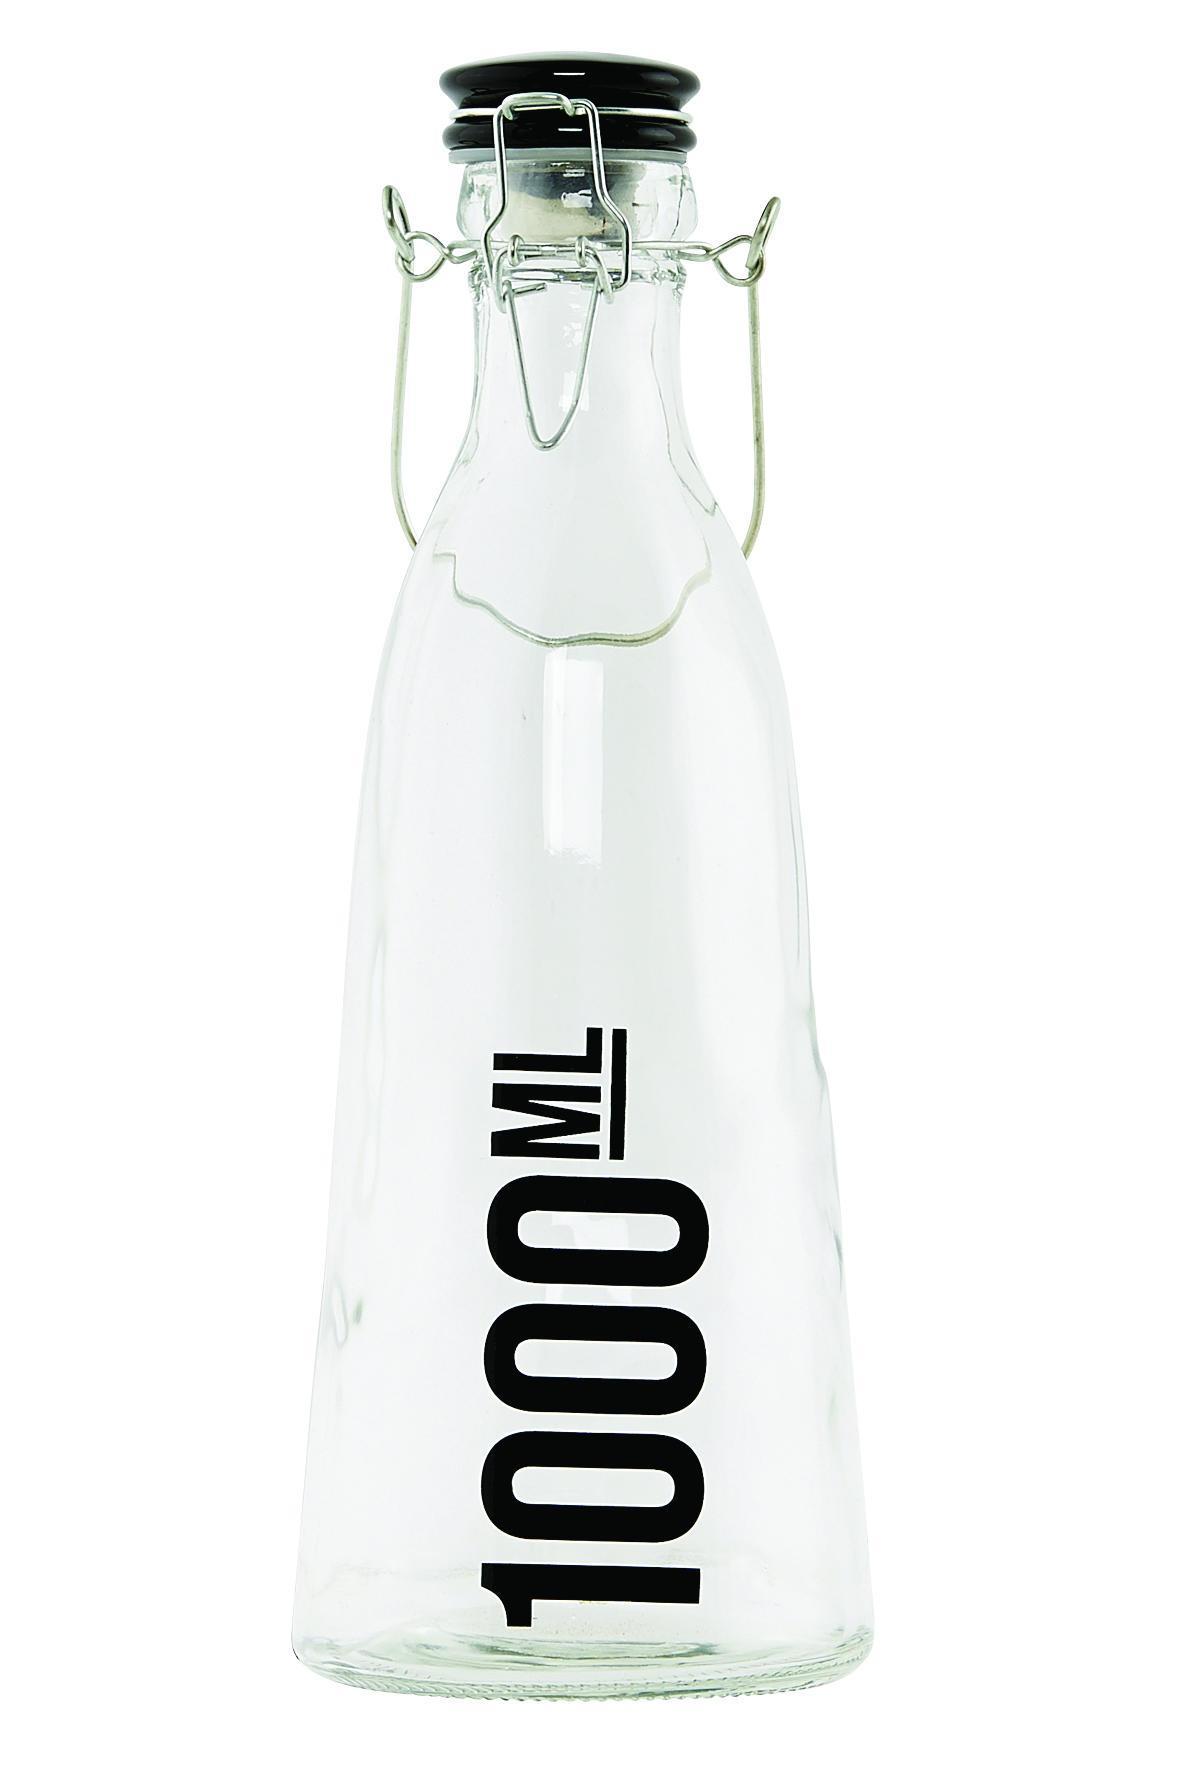 House Doctor Skleněná láhev s keramickým víčkem 1000 ml, čirá barva, sklo